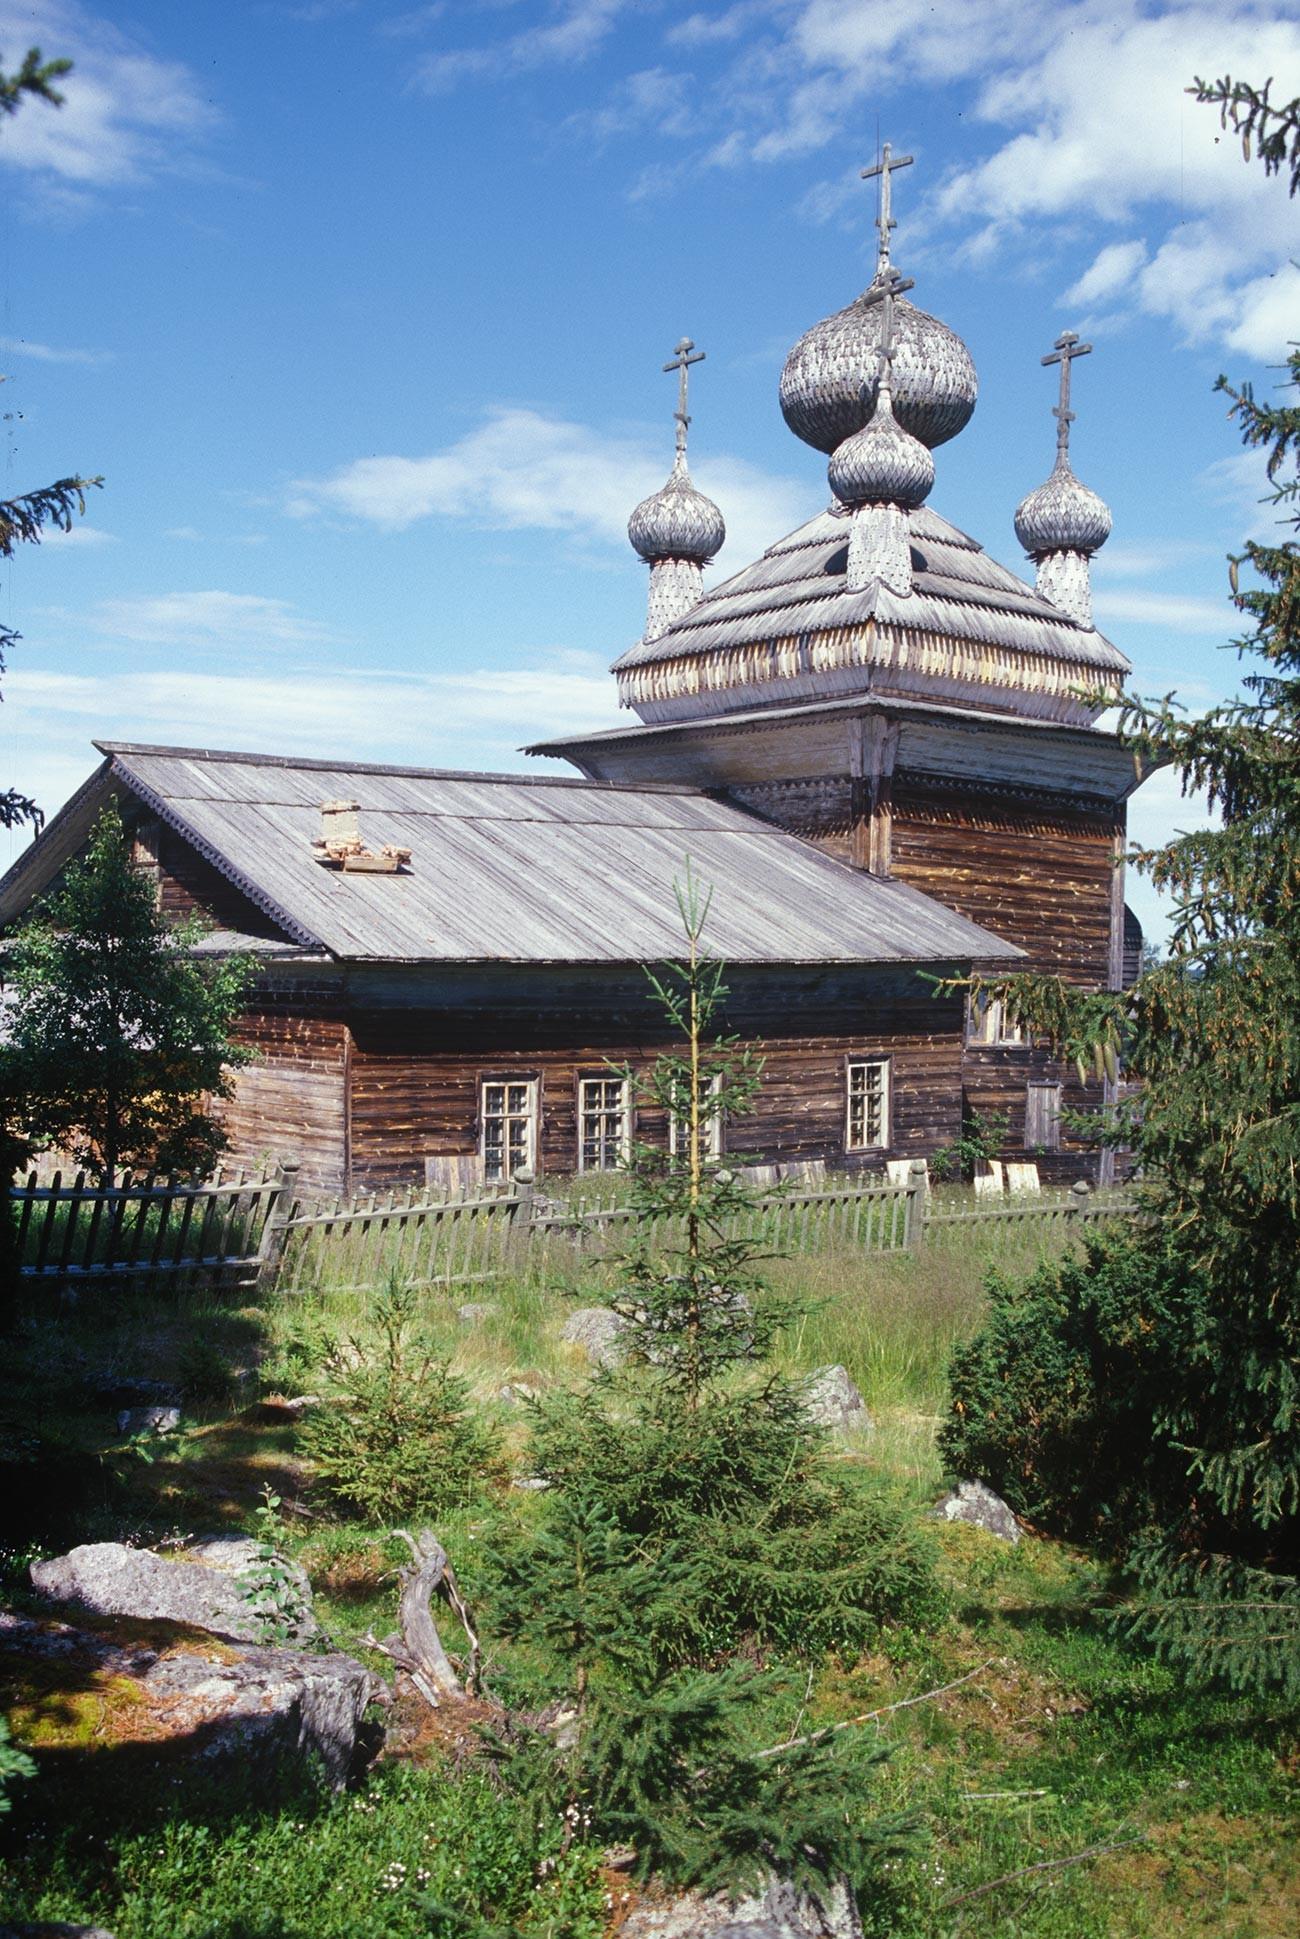 ヴィルマ村。「聖ピョートルと聖パーヴェル教会(聖ペテロと聖パウロ教会)」。南西側。2000年7月7日。